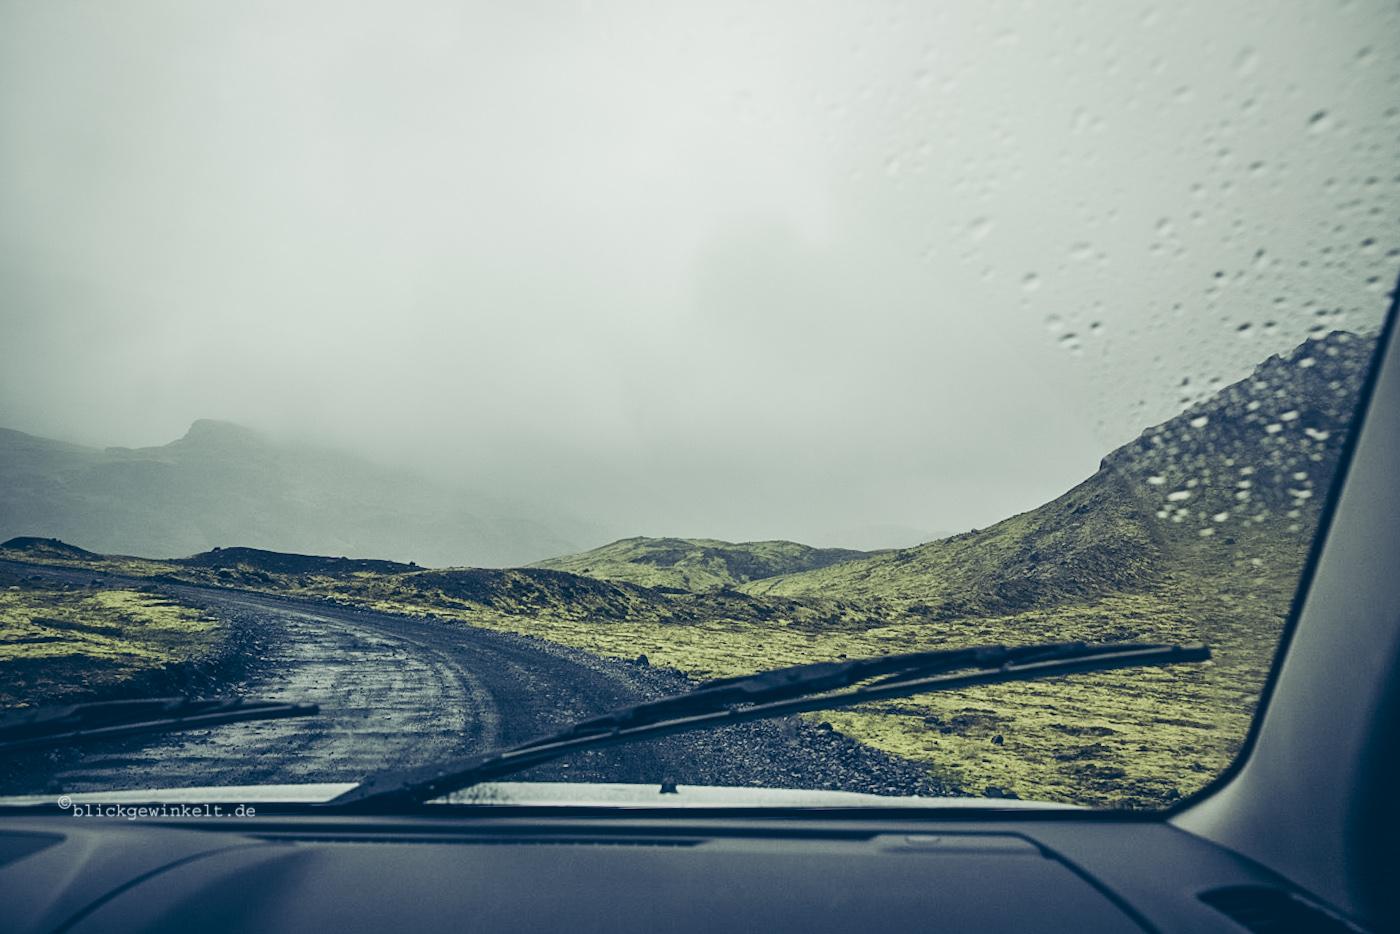 Dunkelgraue Wolken vor Autofenster